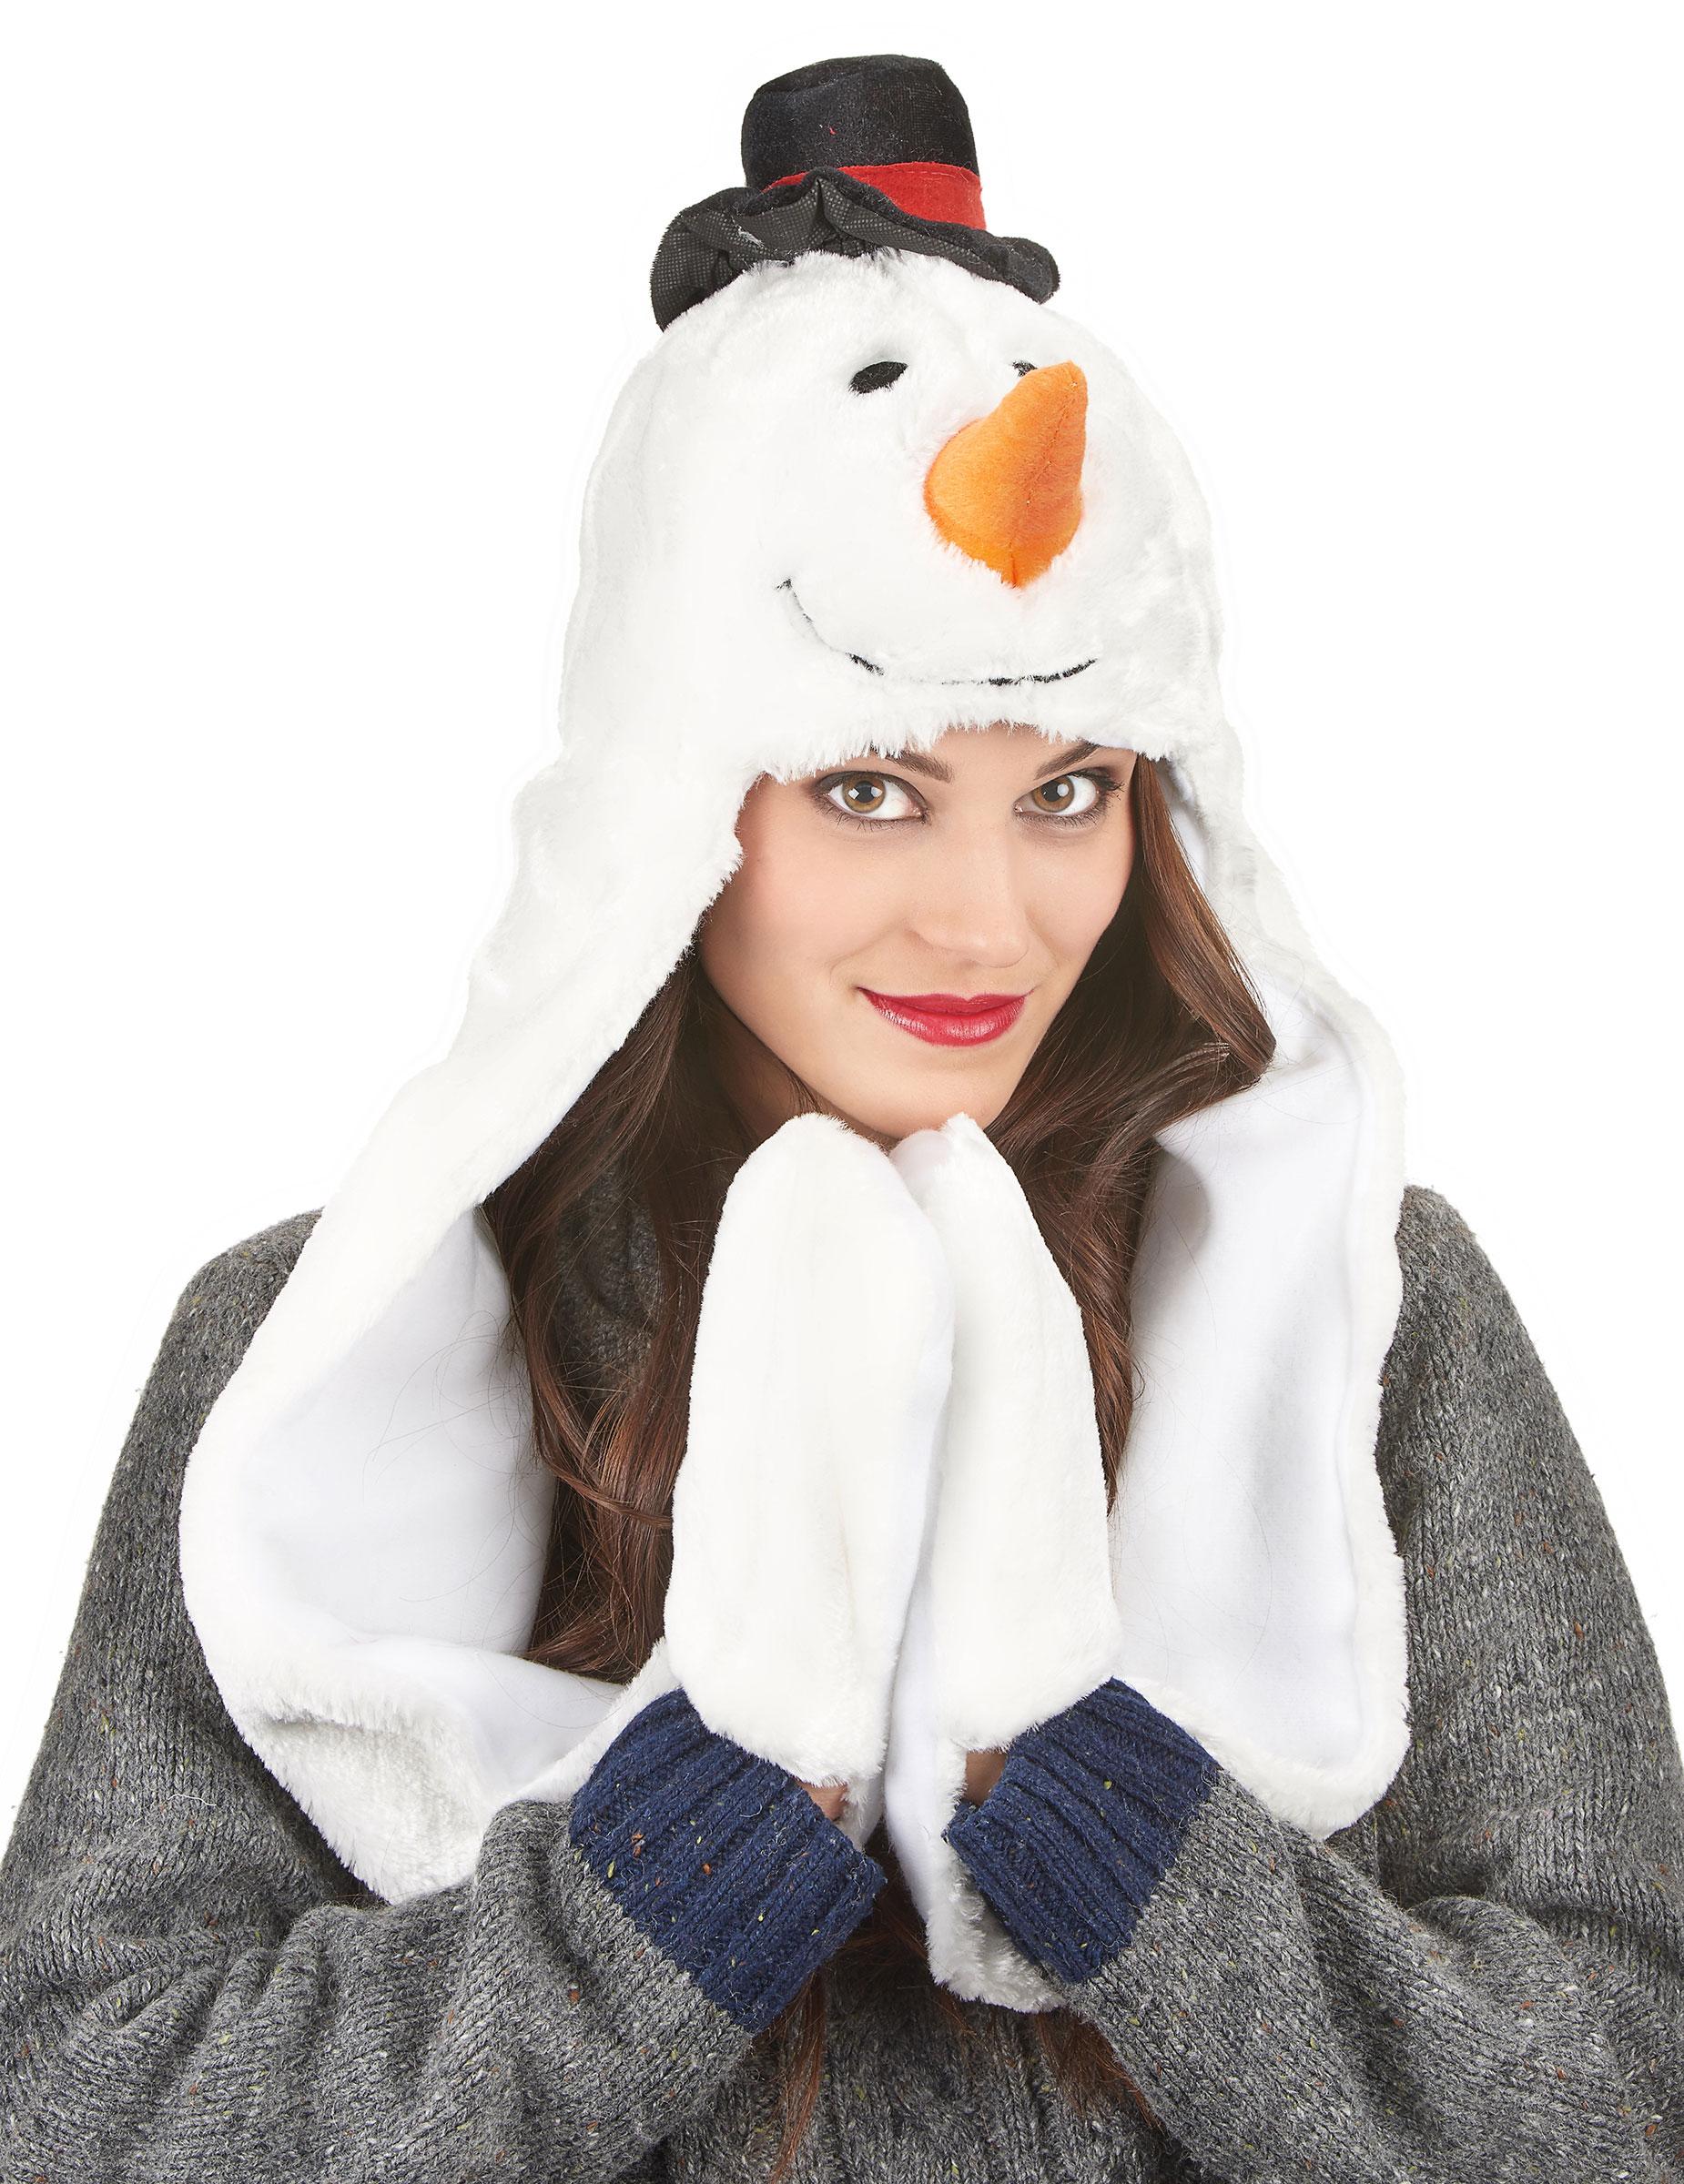 il più votato a buon mercato ufficiale Garanzia di qualità al 100% Cappello con sciarpa pupazzo di neve adulto: Cappelli,e ...